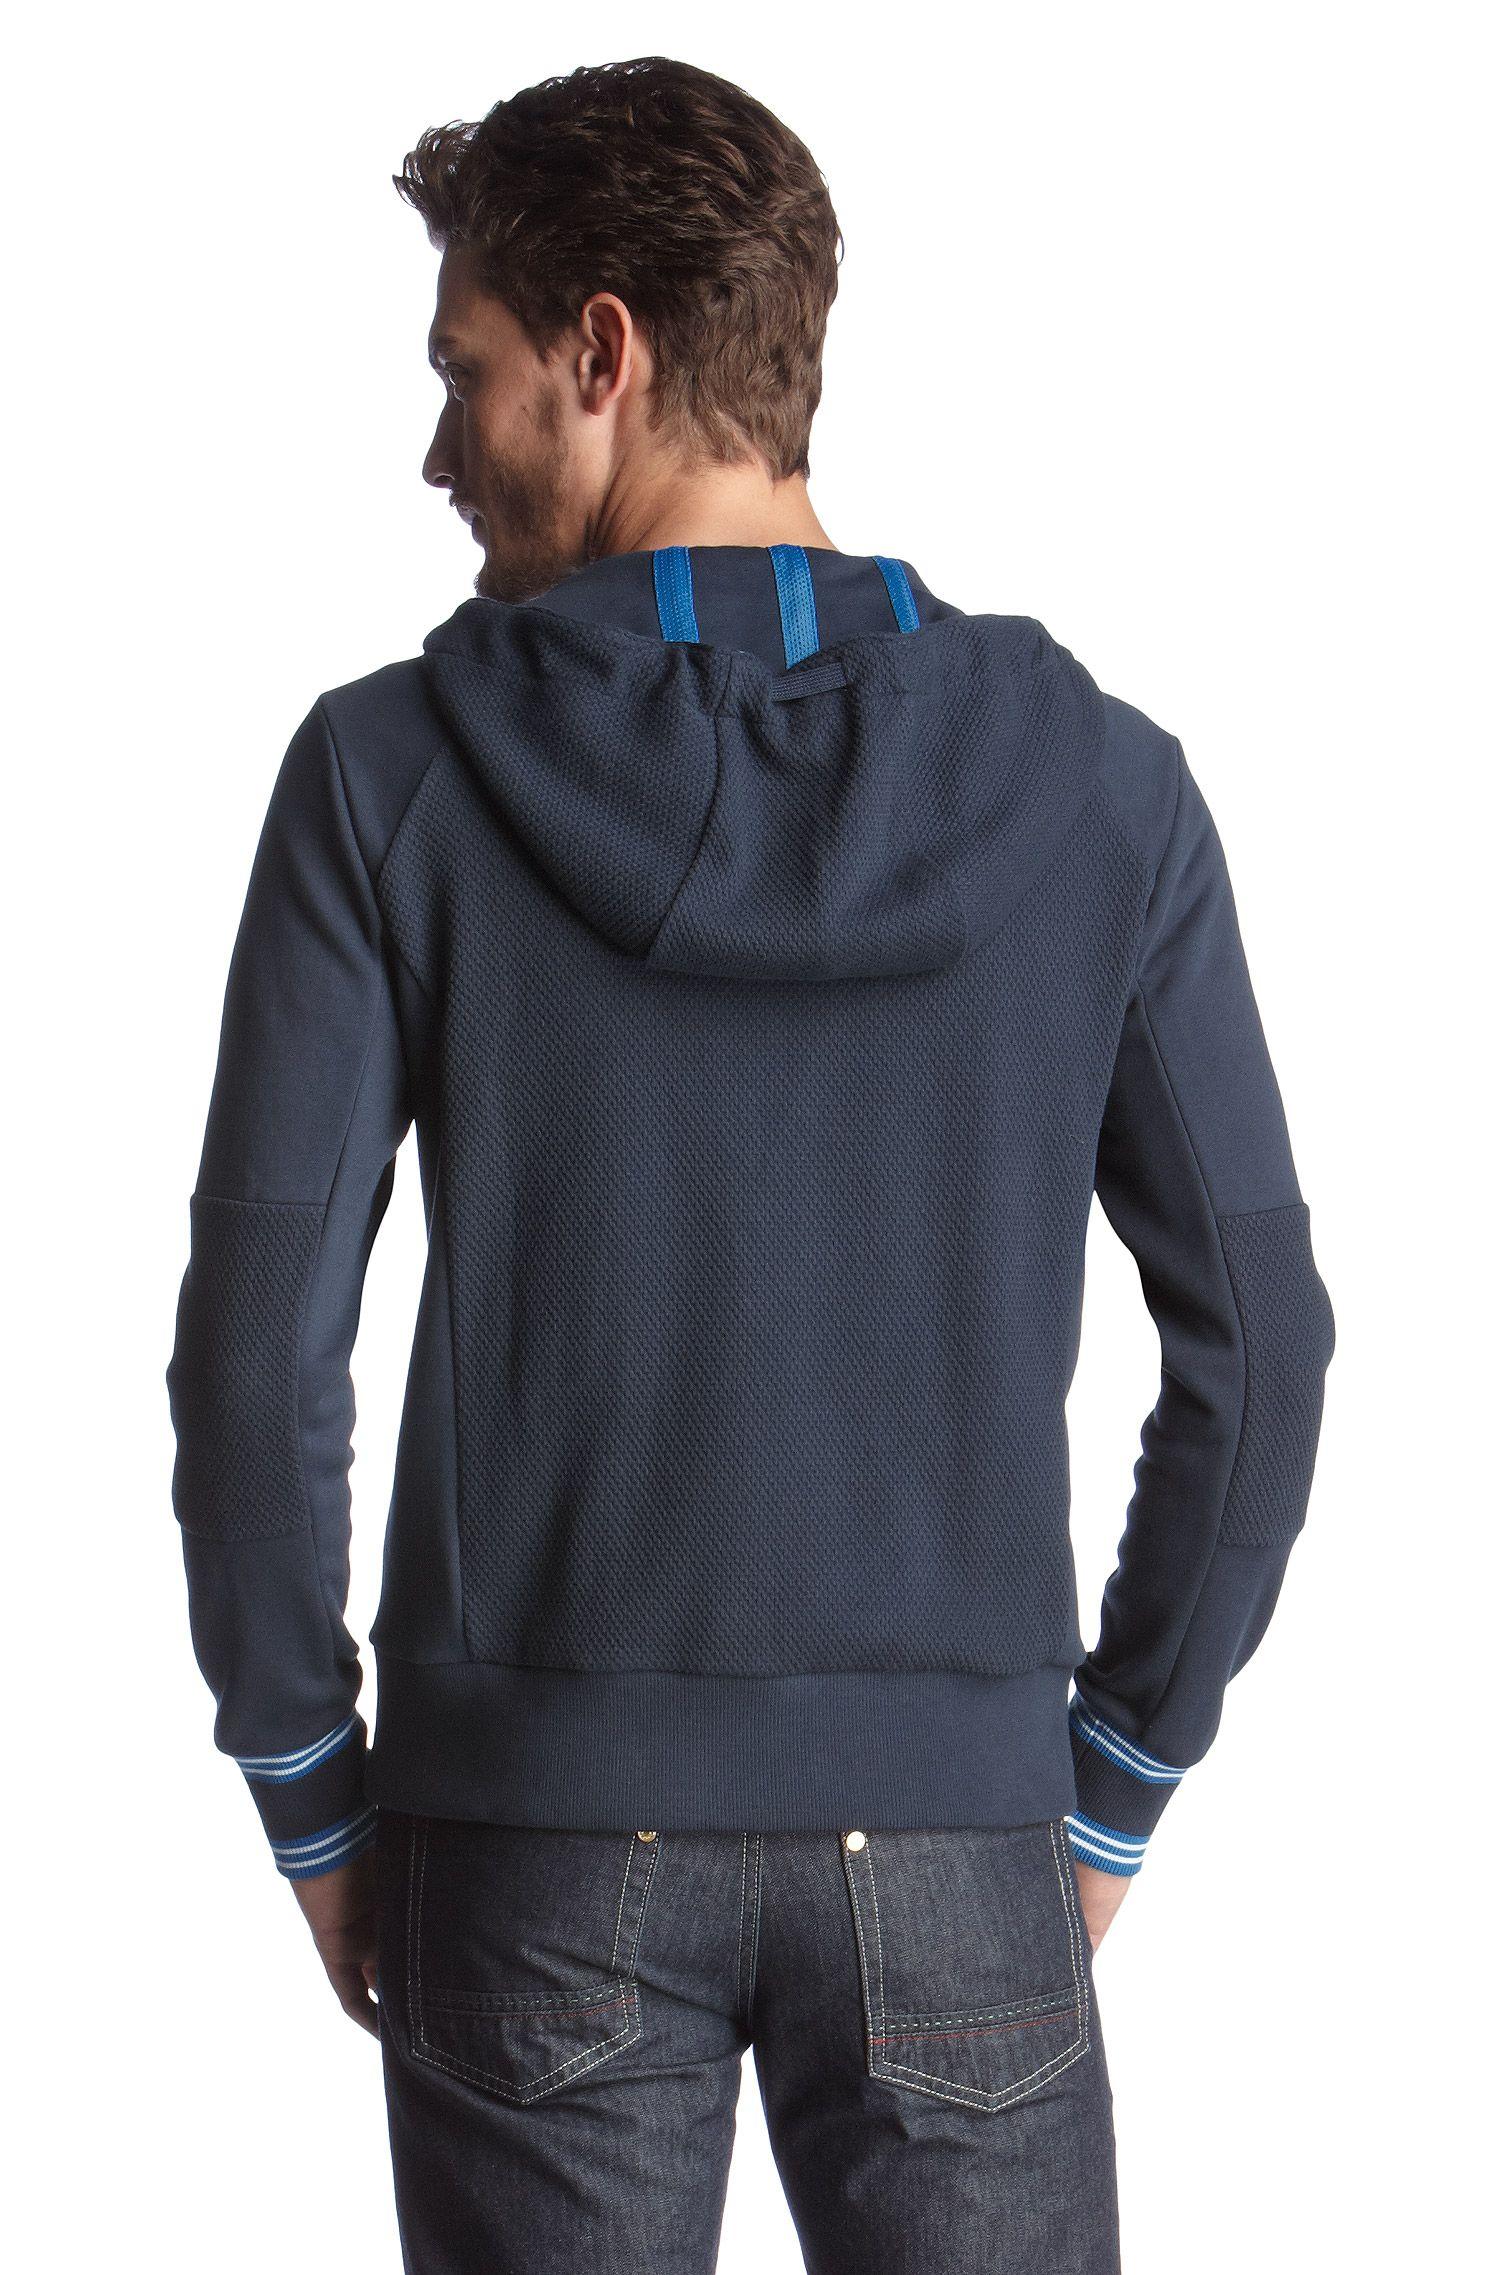 Sweater à capuche, Saggy